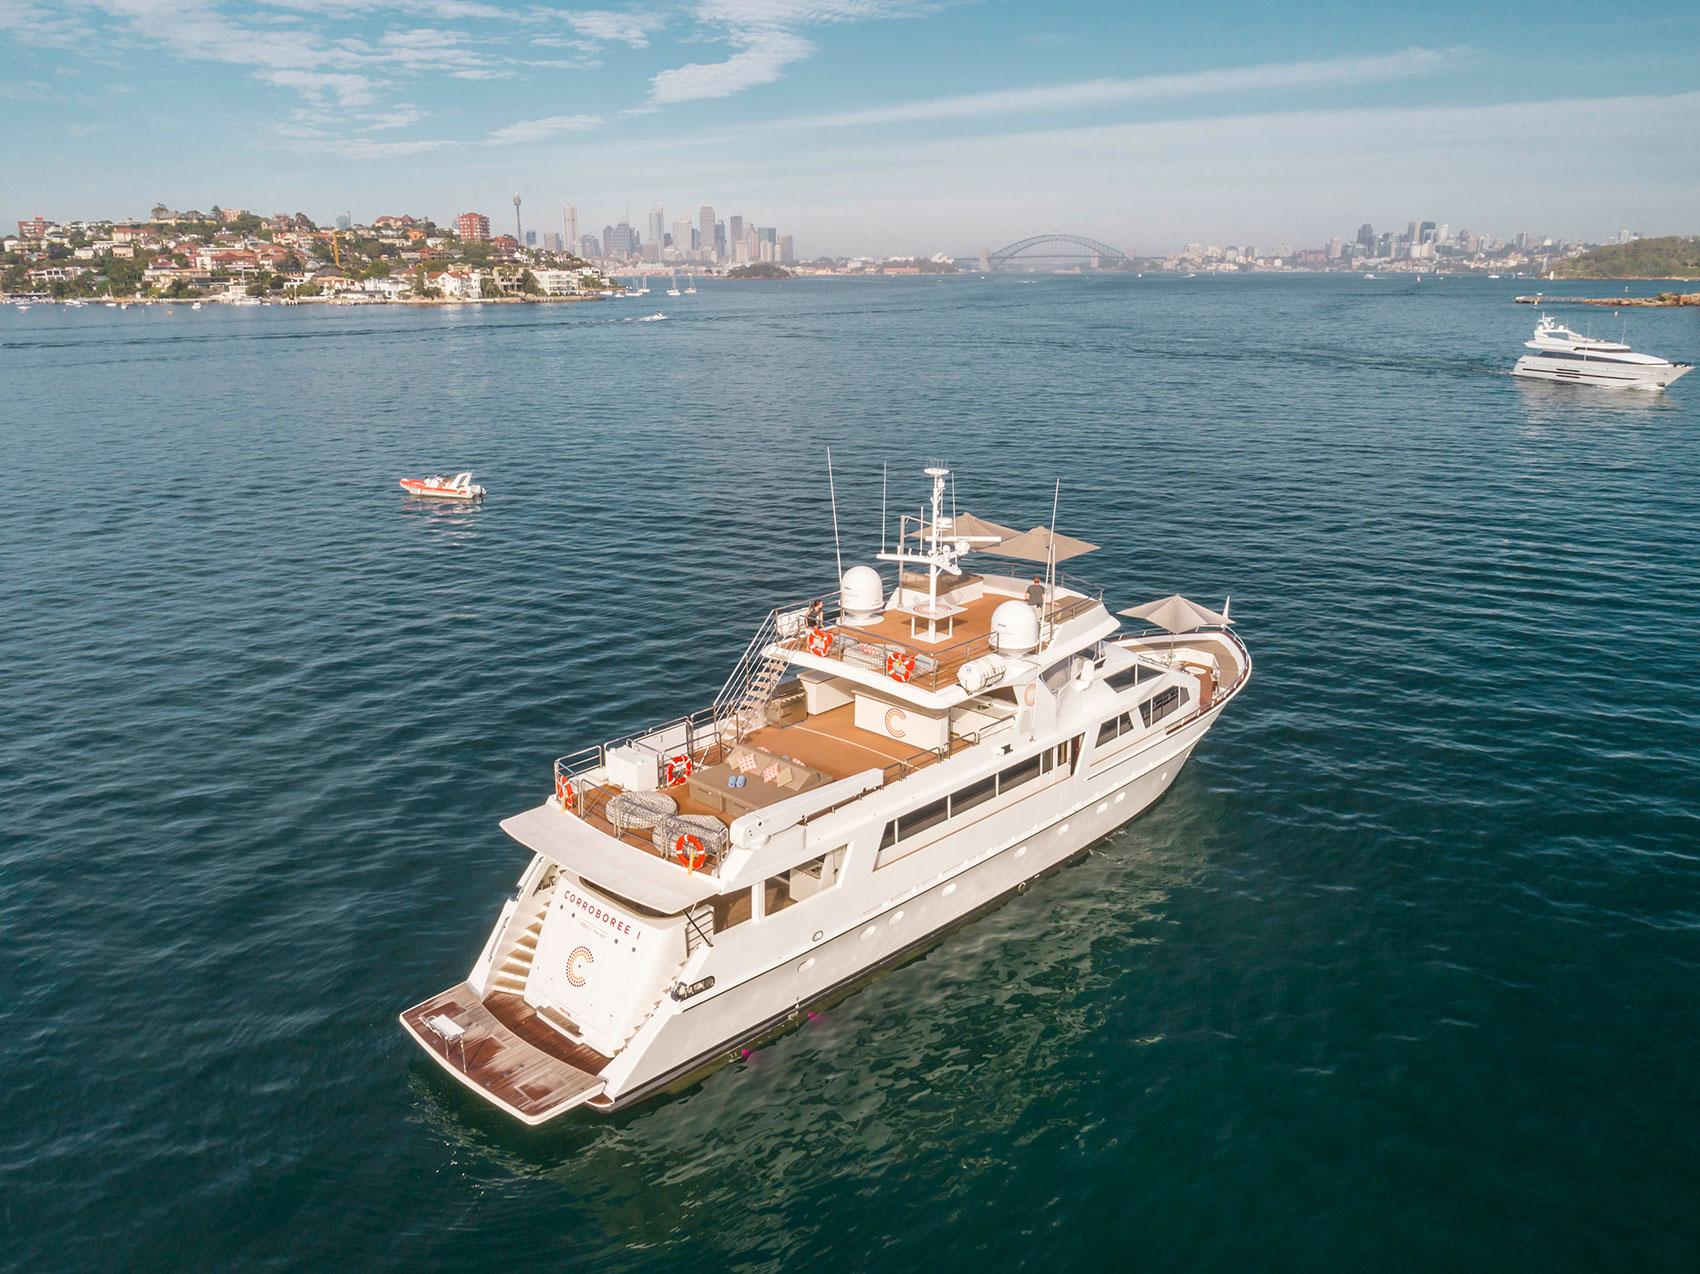 Corroboree_for_Charter-Fraser_Yachts_Australia